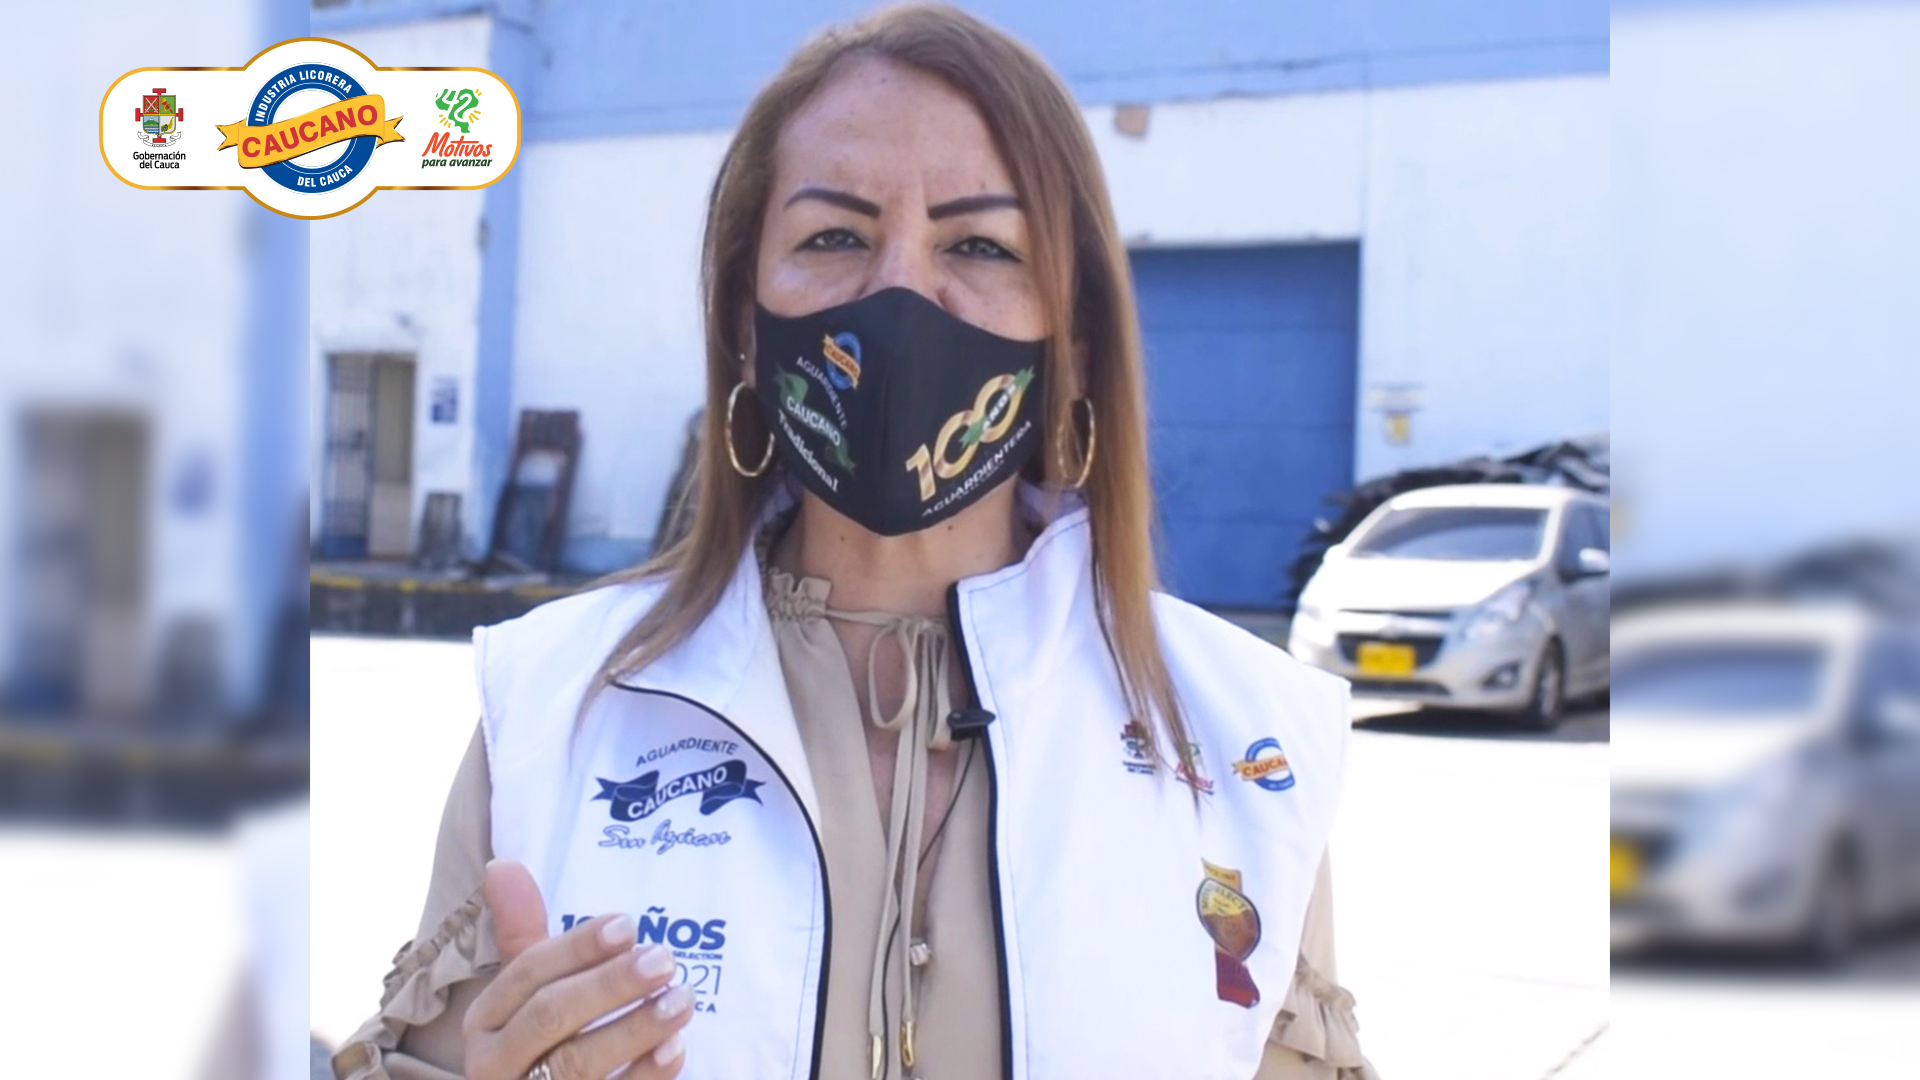 Gerente de la Industria Licorera del Cauca invita a todos los caucanos a vacunarse como un acto de responsabilidad y en defensa de la vida